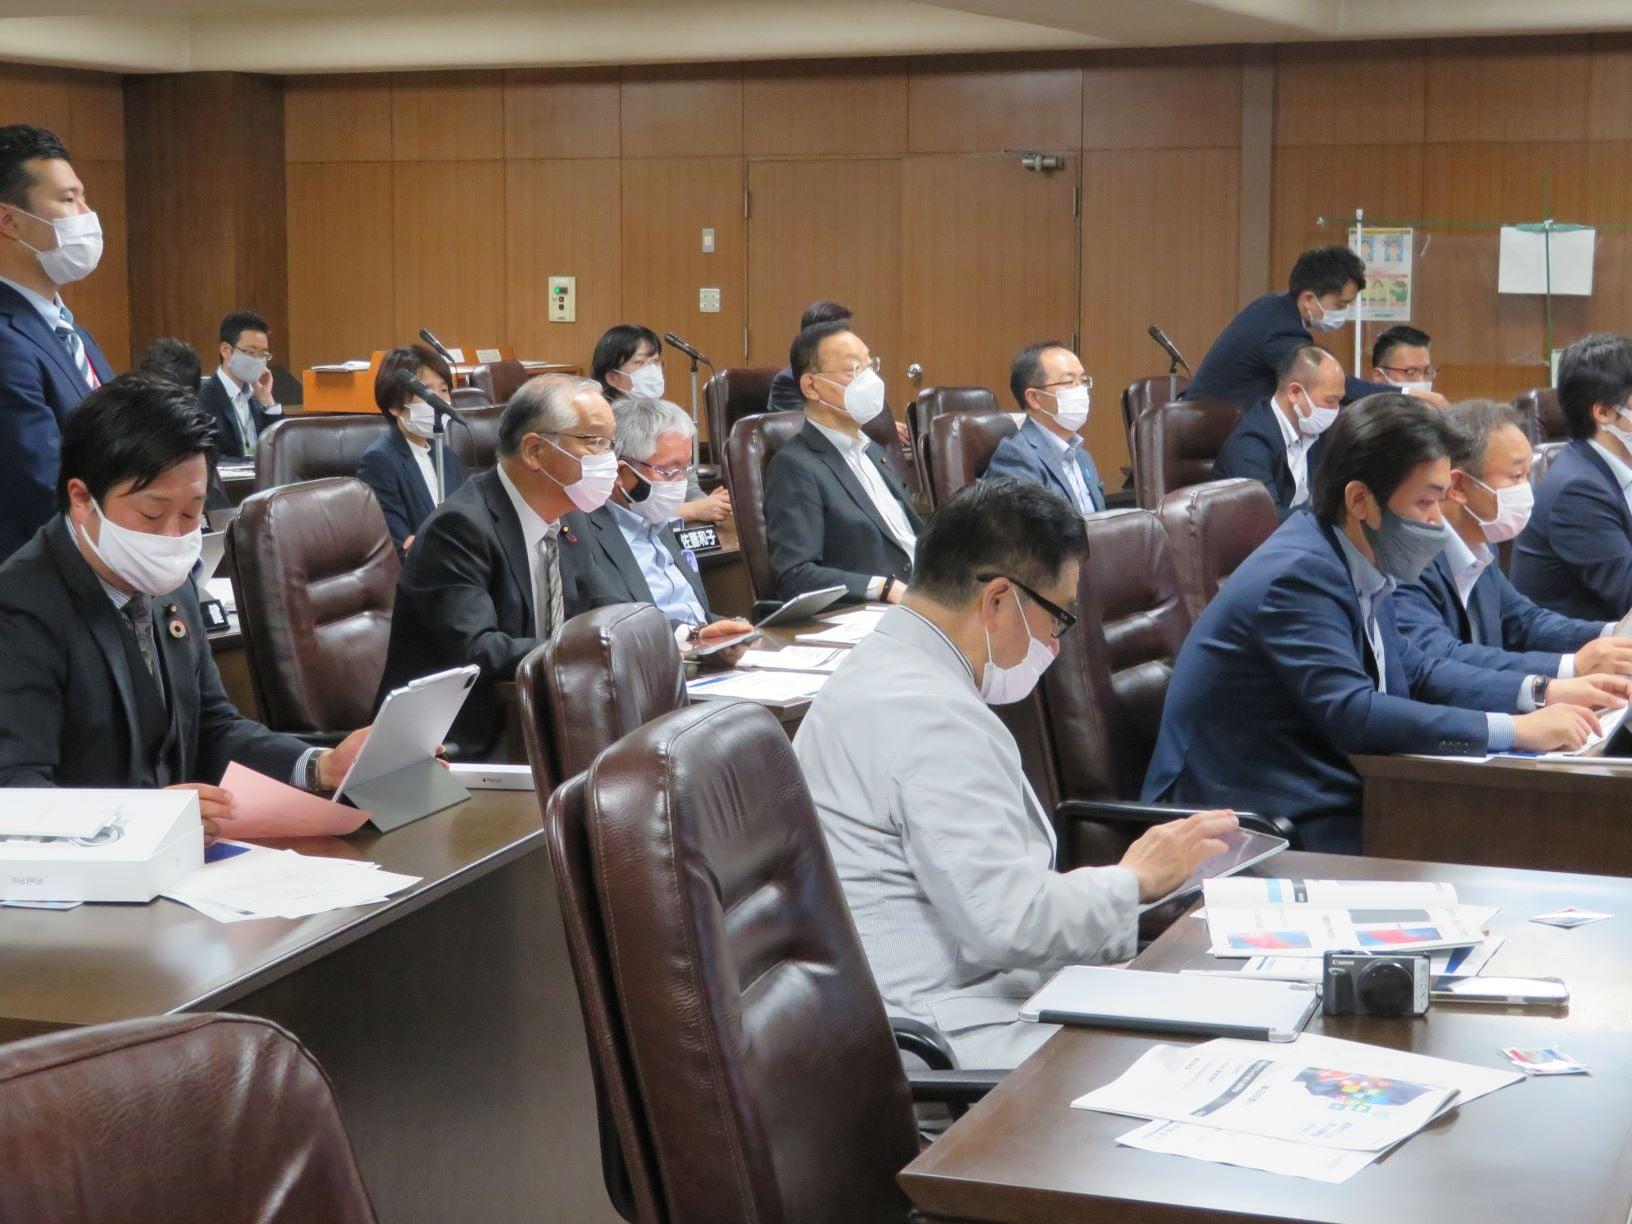 仙台市議会でのタブレット端末導入のための研修会が開催